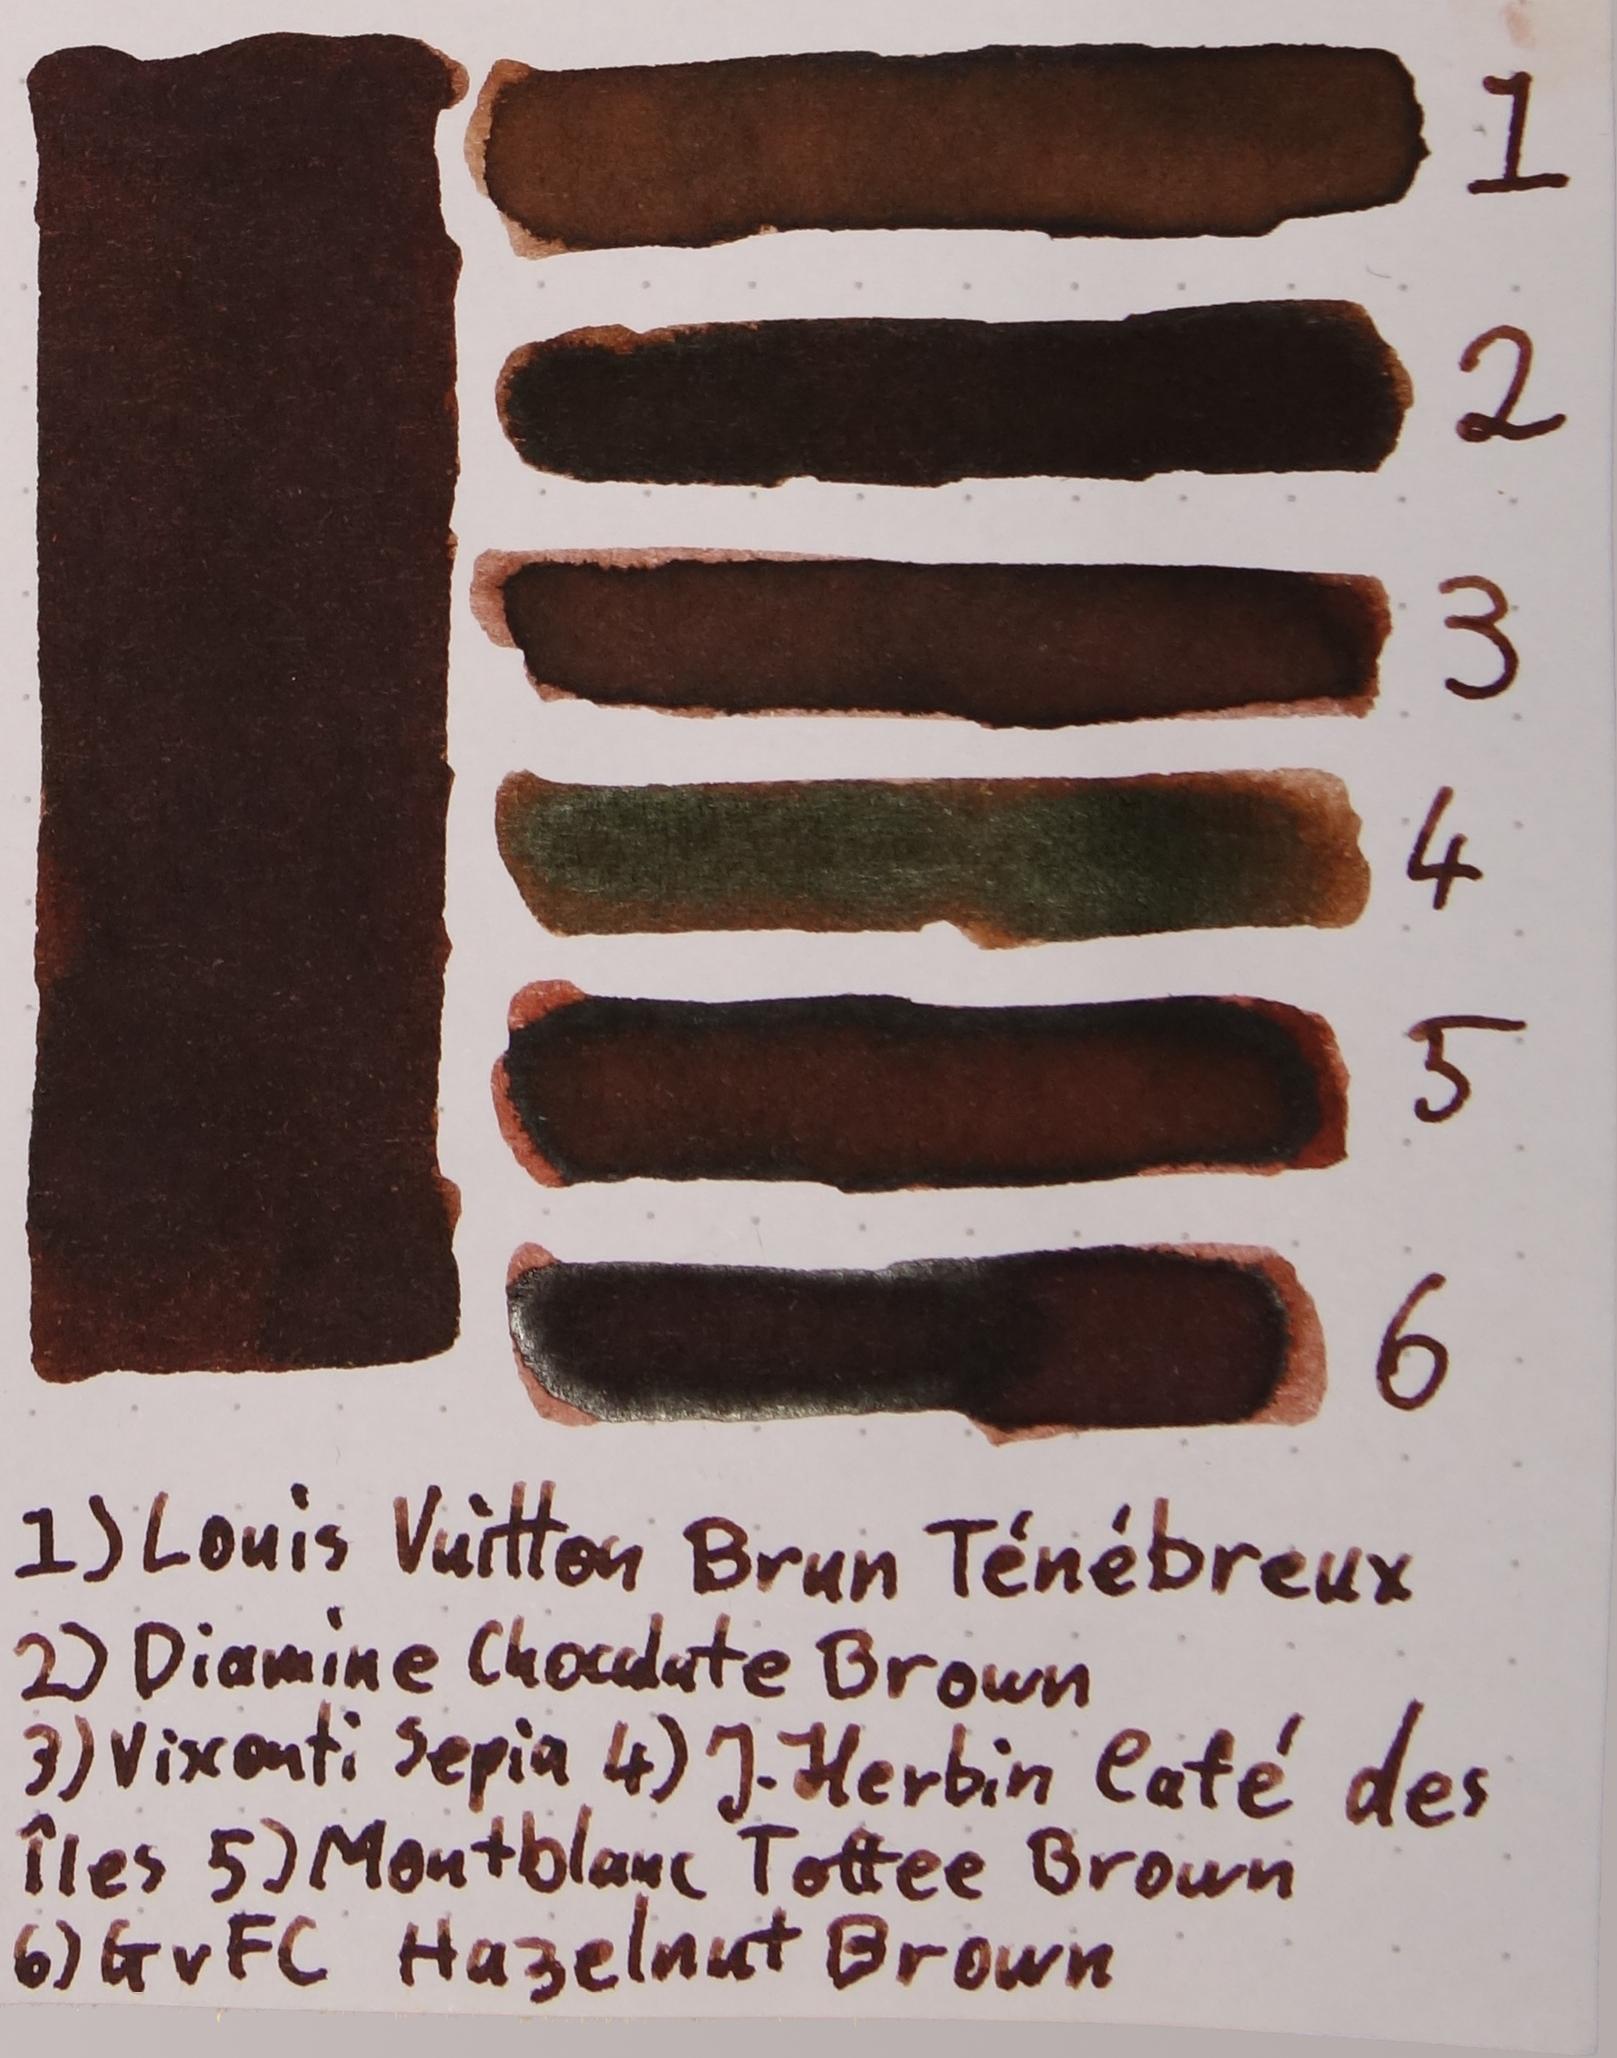 1) Louis Vuitton Brun Ténébreux, 2) Diamine Chocolate Brown, 3) Visconti Sepia, 4) J. Herbin Café des Îles, 5) Montblanc Toffee Brown, 6) Graf von Faber-Castell Hazelnut Brown.